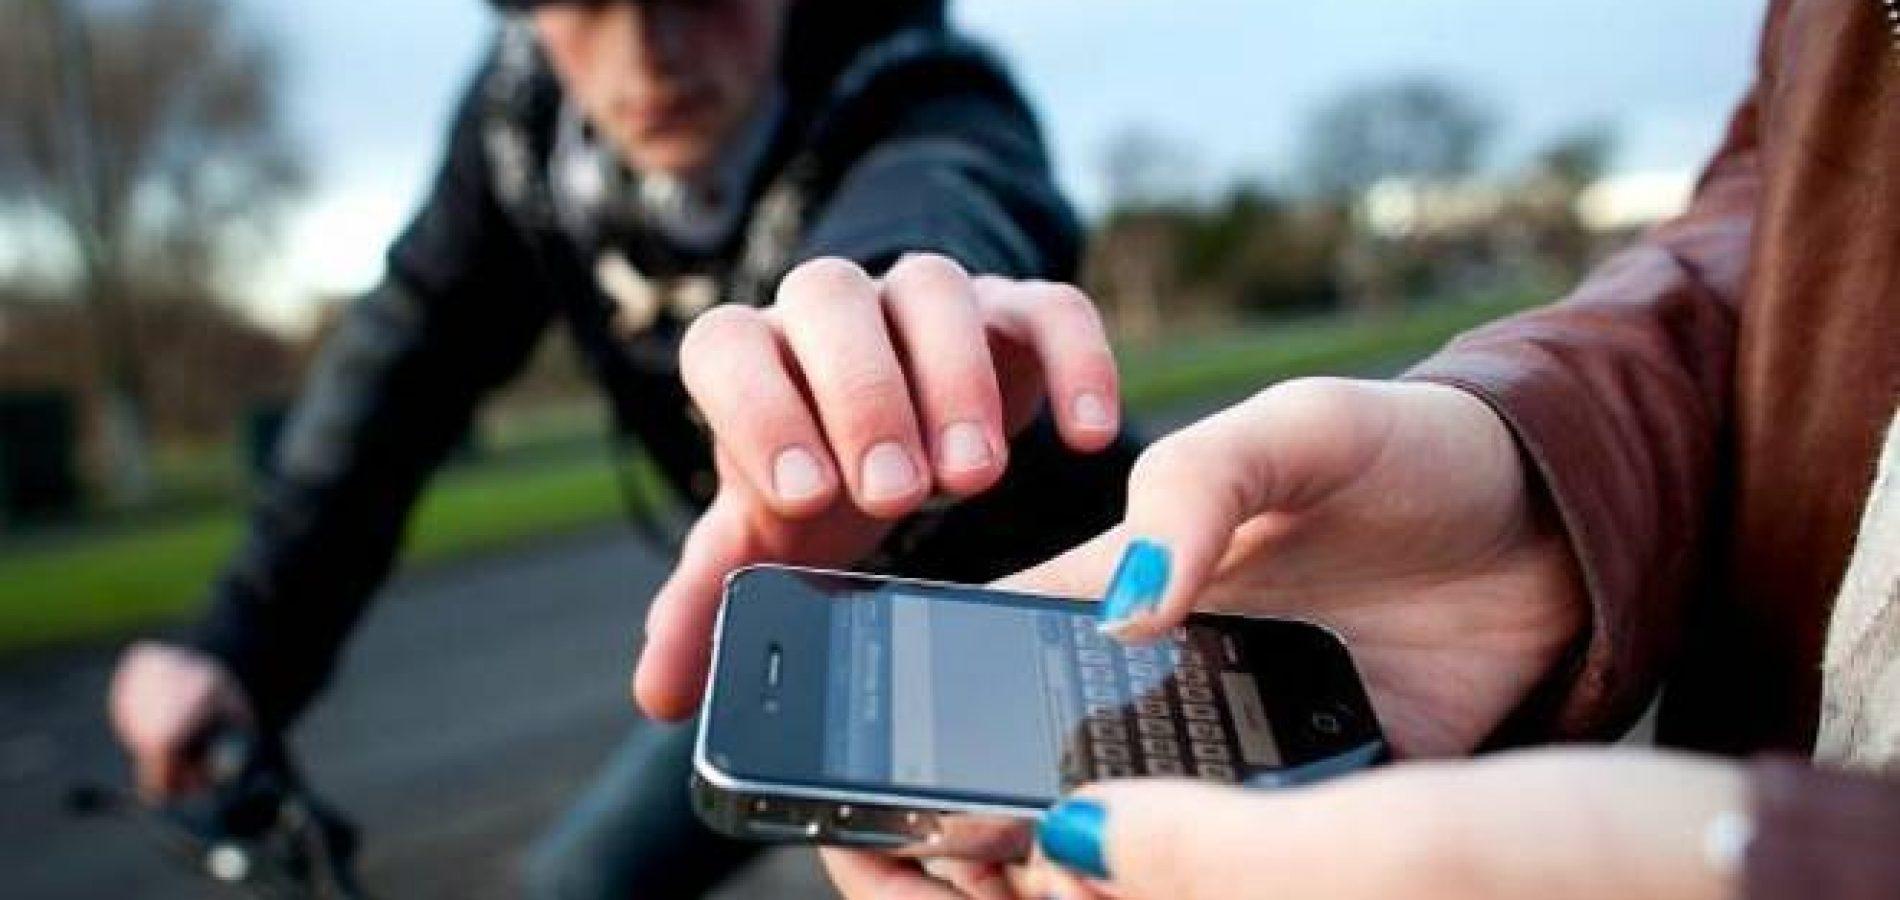 Polícia prende homem acusado de roubar aparelho celular no Centro de Picos